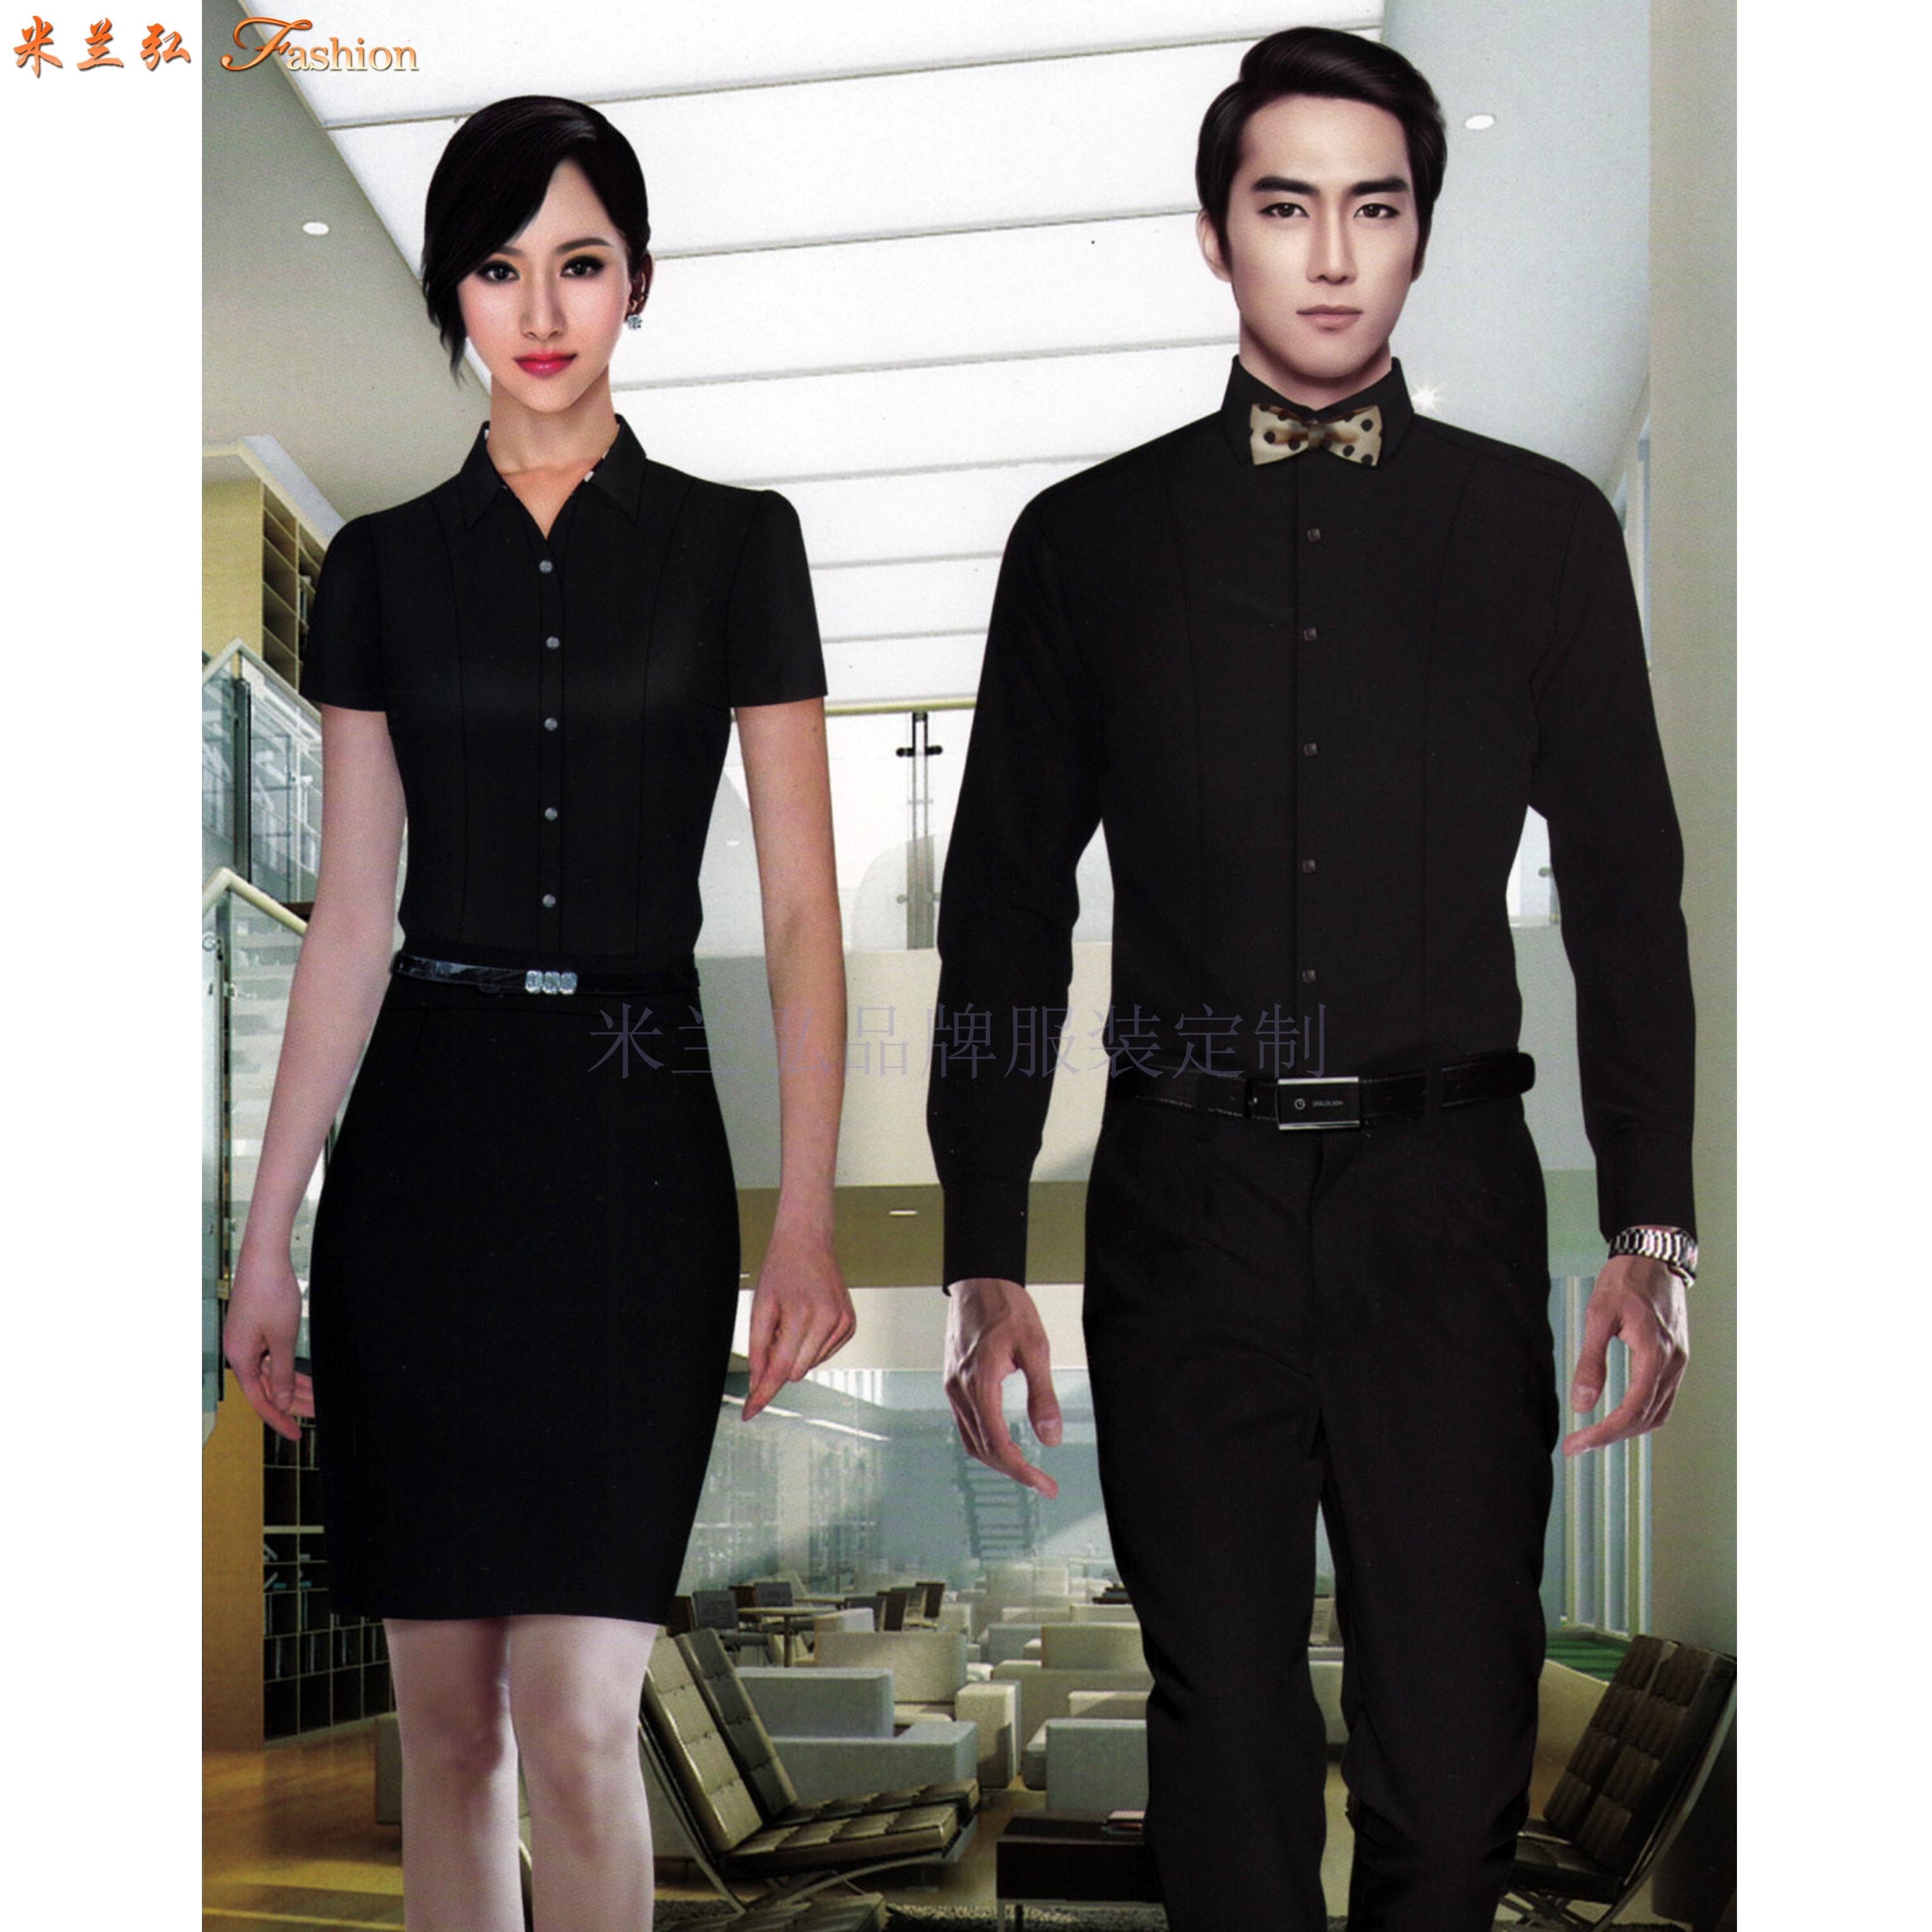 江西定制襯衫-定做免燙襯衫品牌-米蘭弘服裝-3